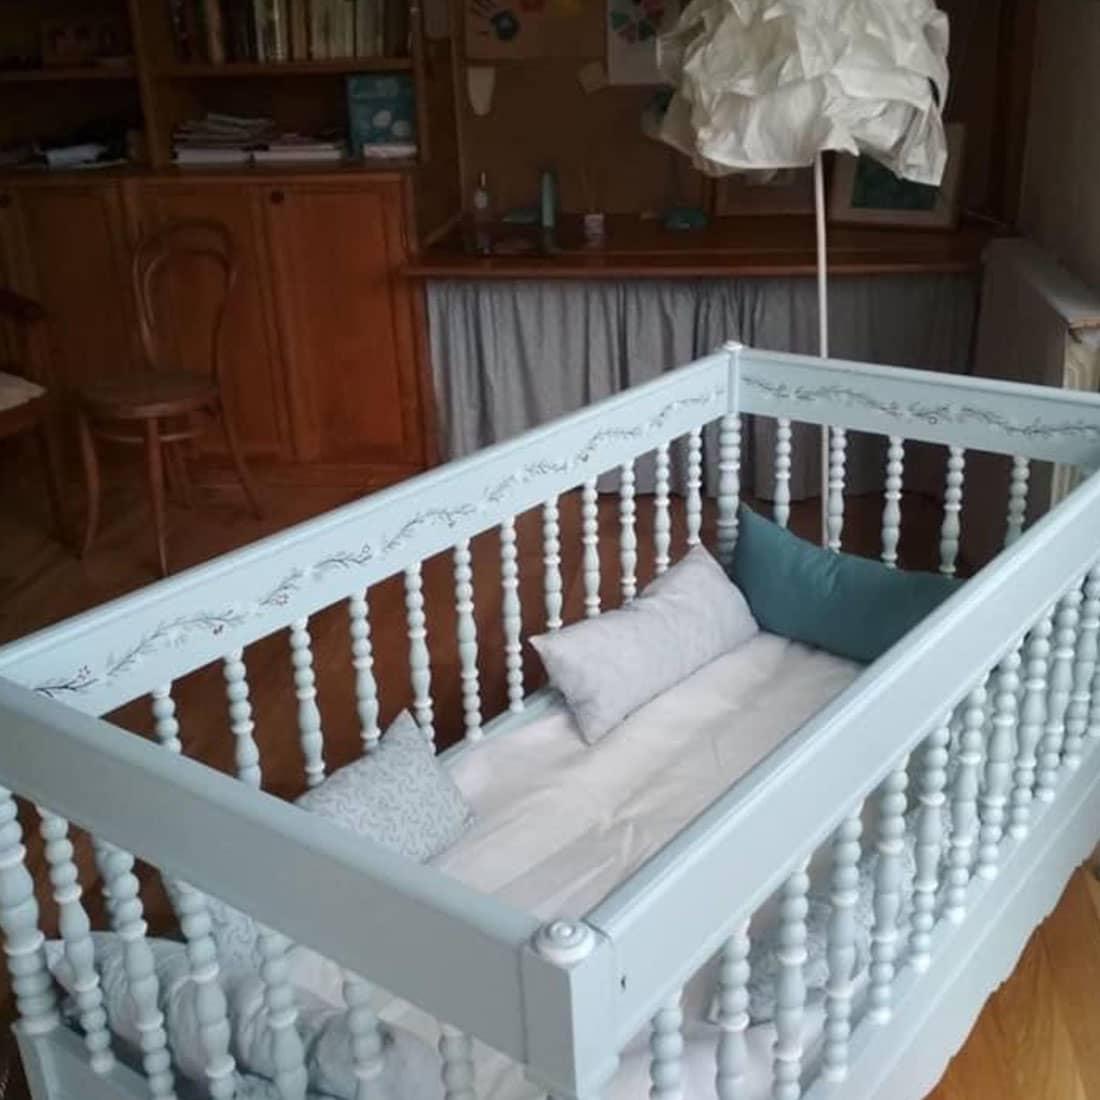 Cama de bébé restaurada e pintada 4